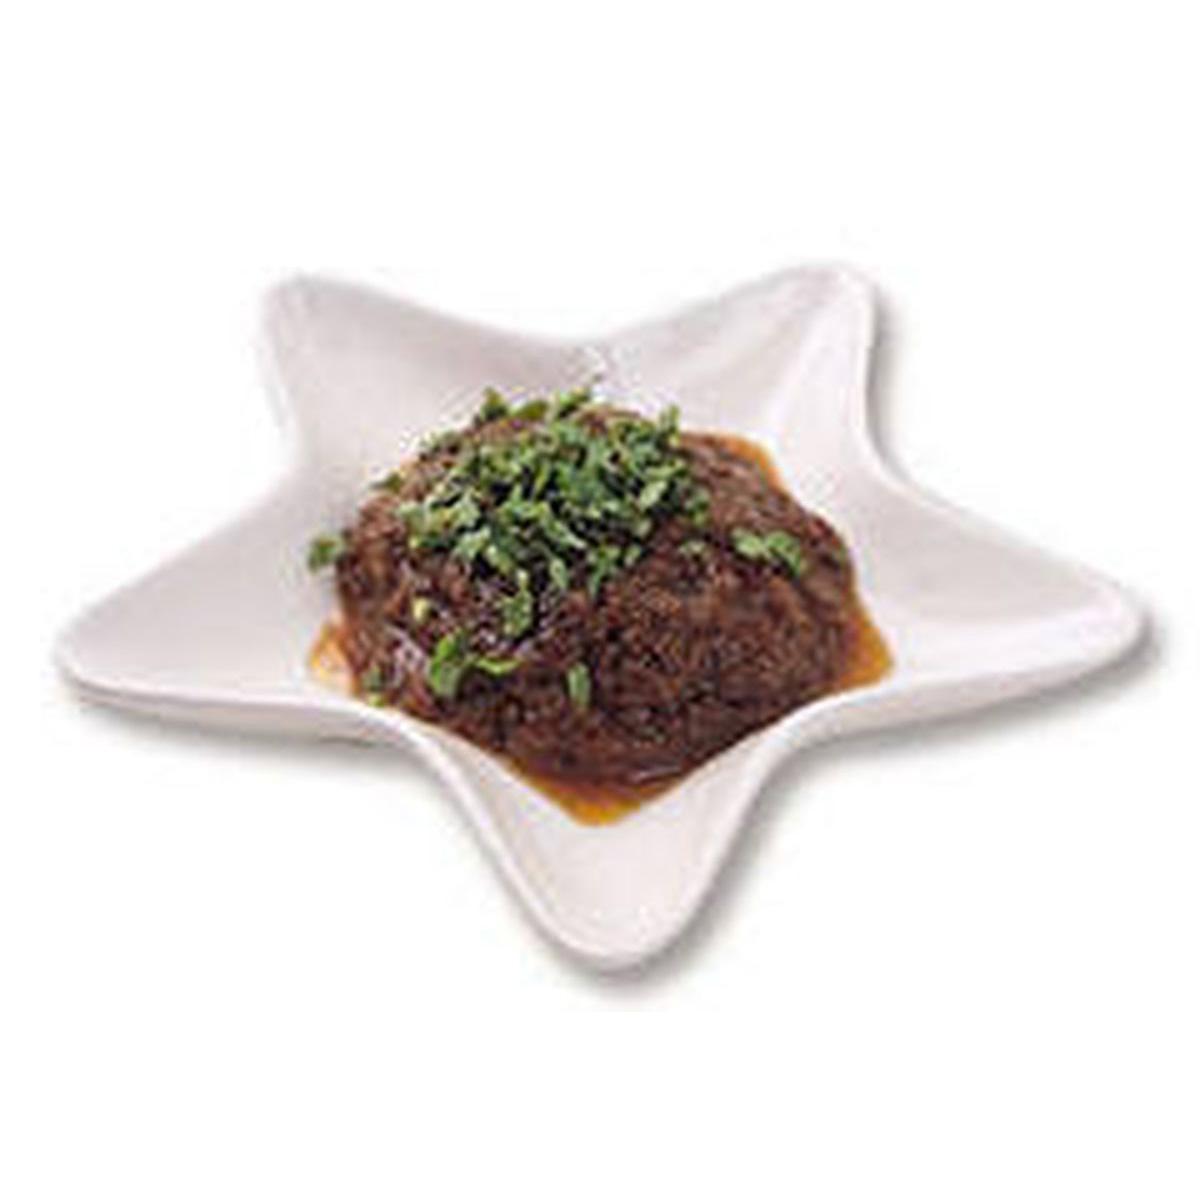 食譜:素食火鍋沾料